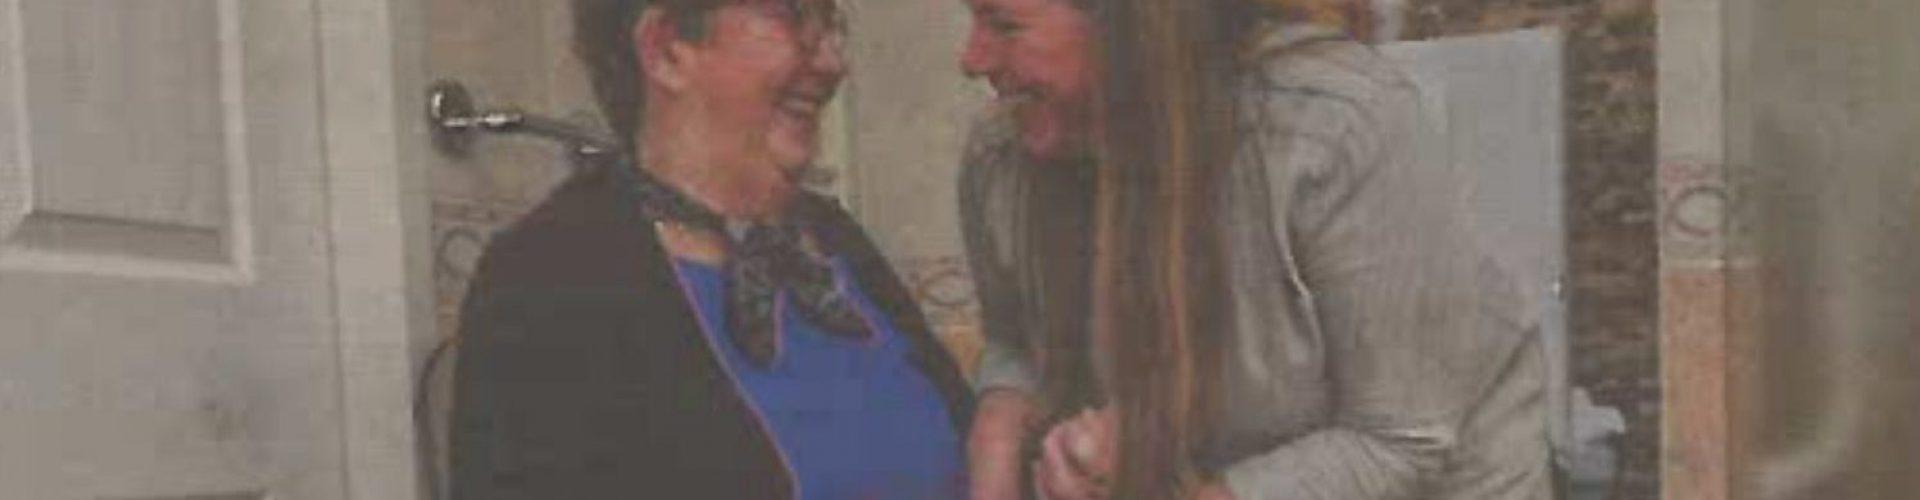 Thuiszorg: Met een beetje hulp langer zelfstandig